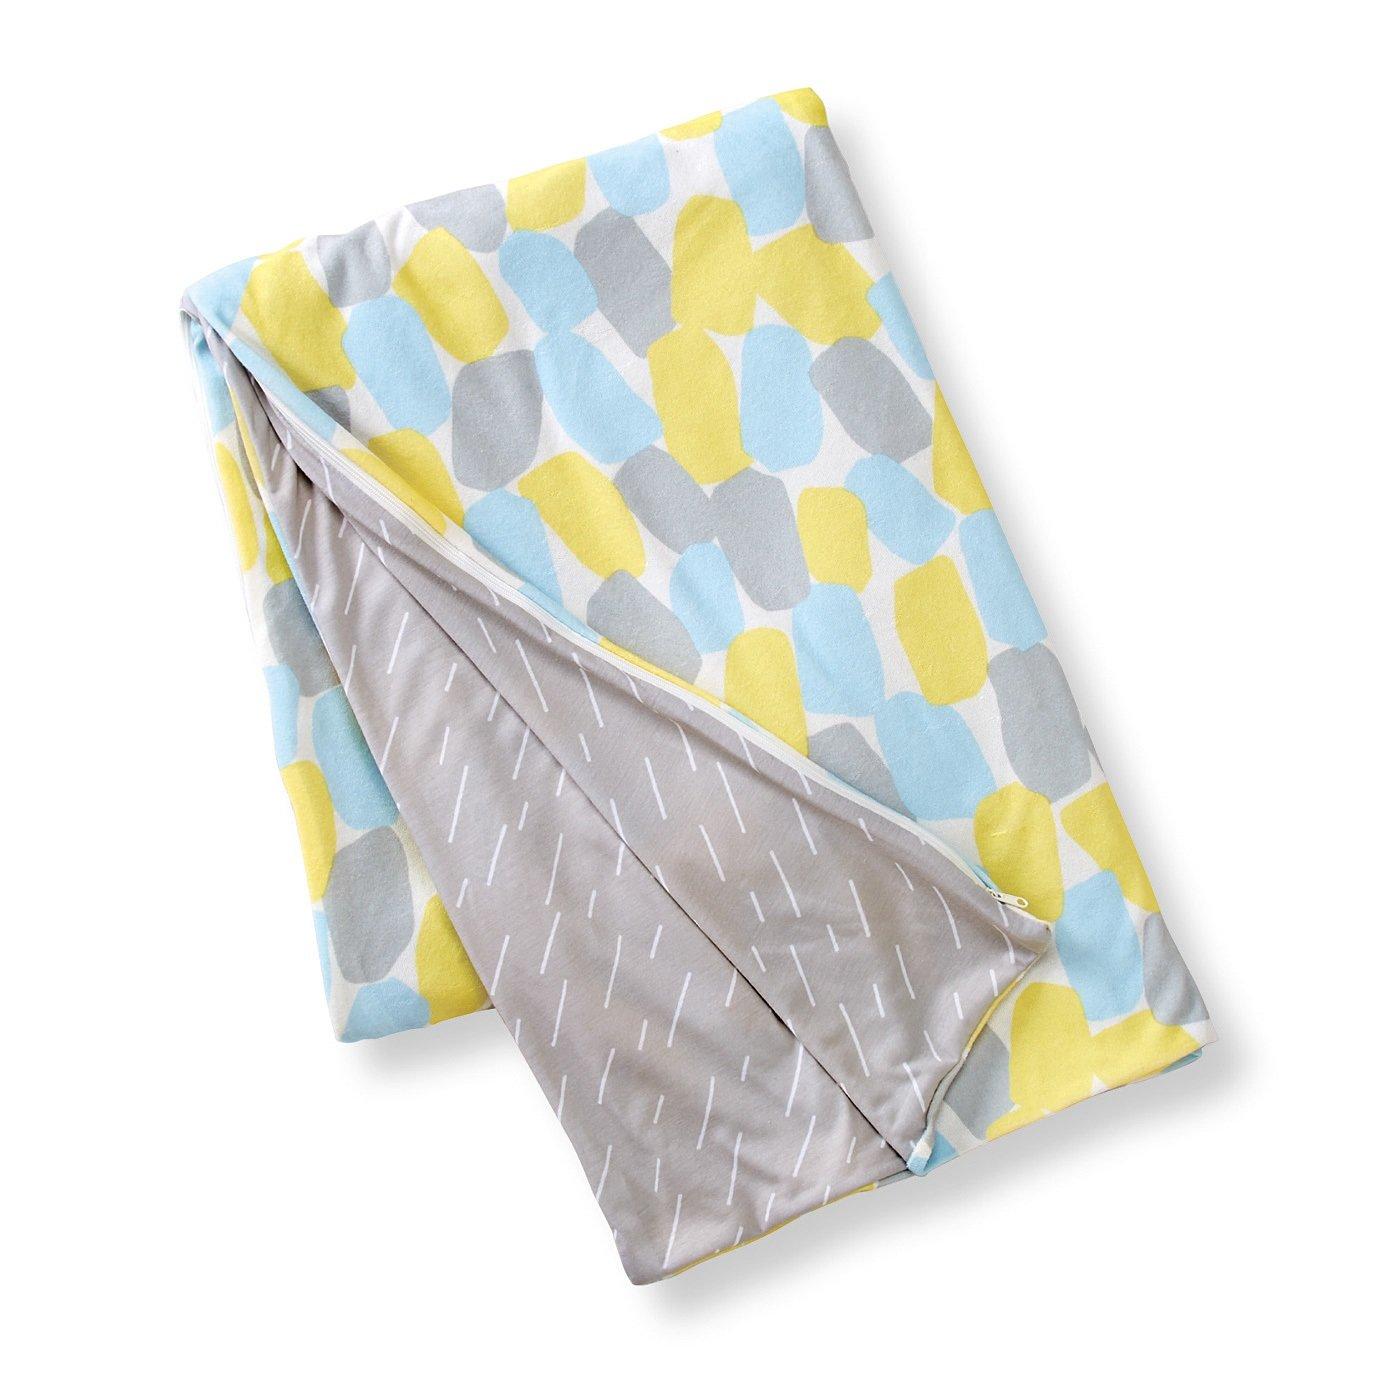 365日快眠仕立て 滑らかパイルが気持ちいい プリズム柄の掛け布団カバー〈シングル〉の会